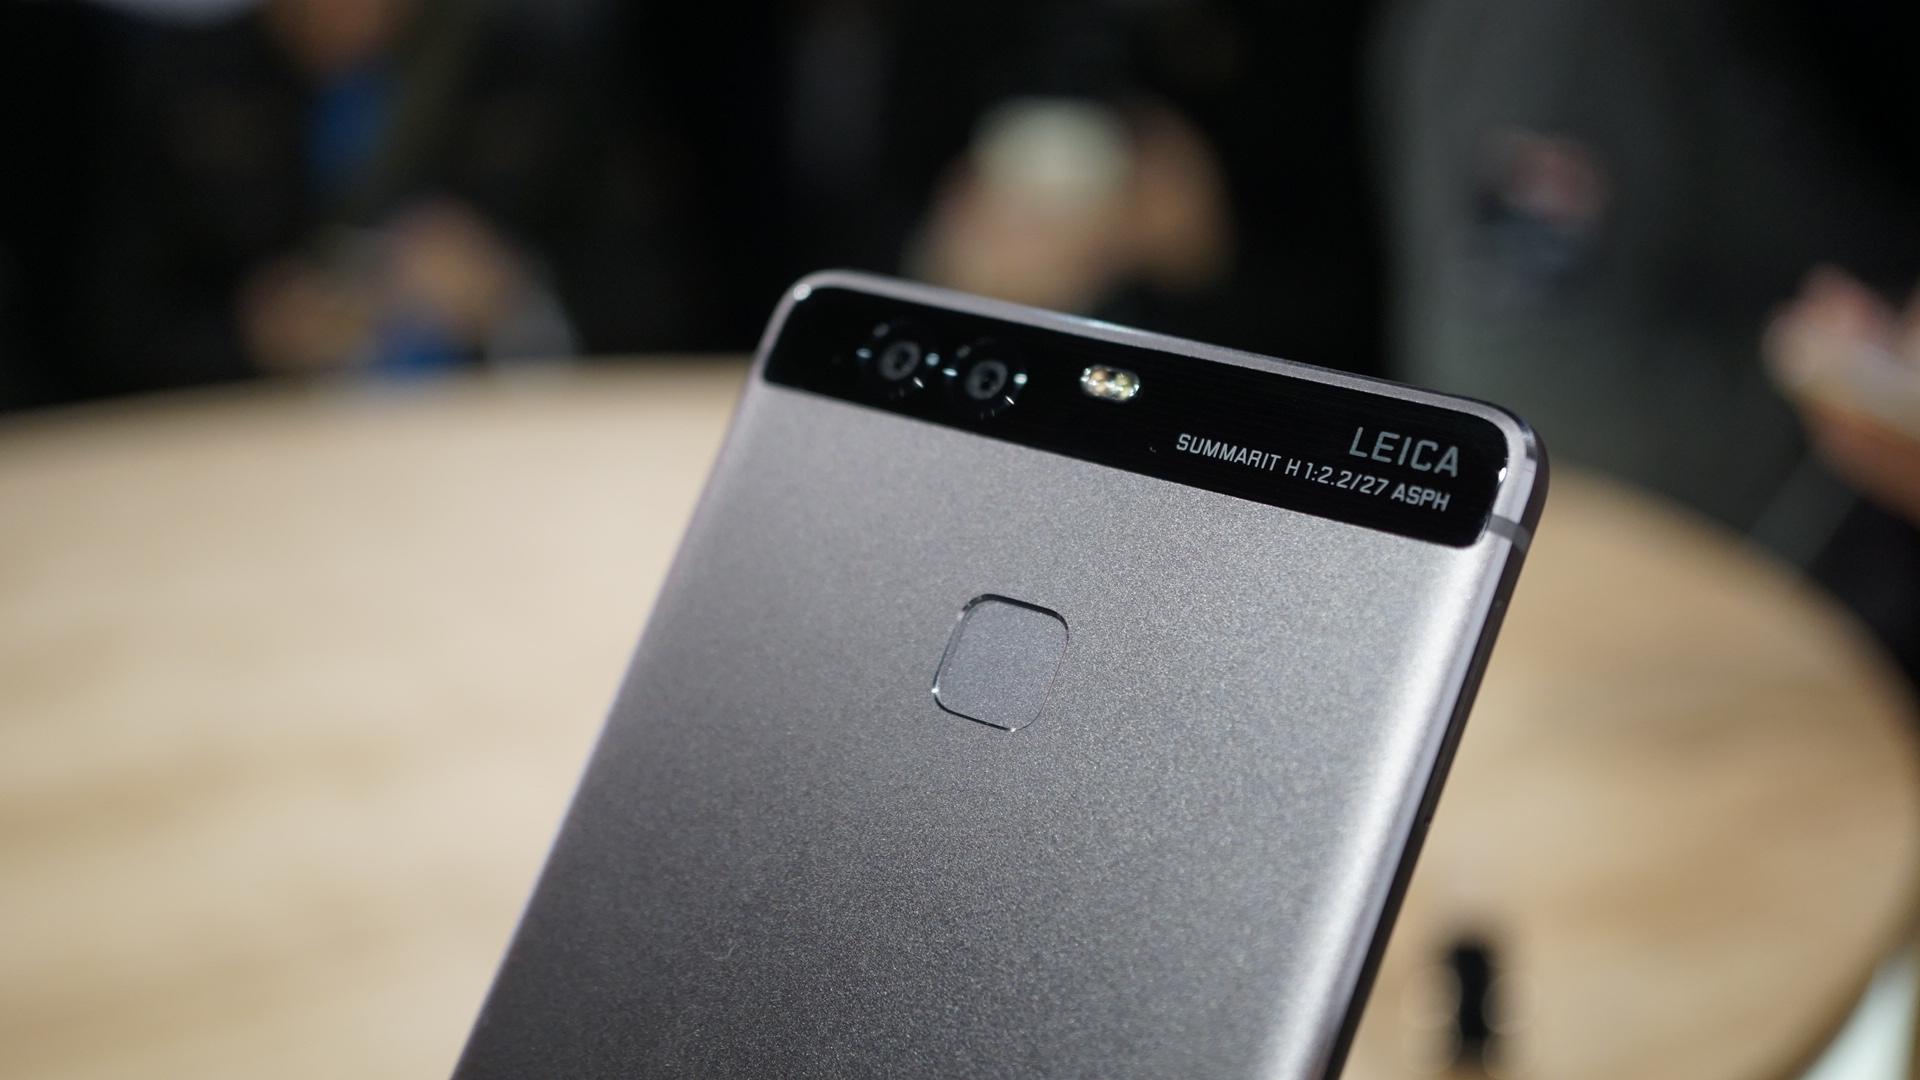 Huawei P9 (brand TIM), il prezzo scende al di sotto dei 500 euro